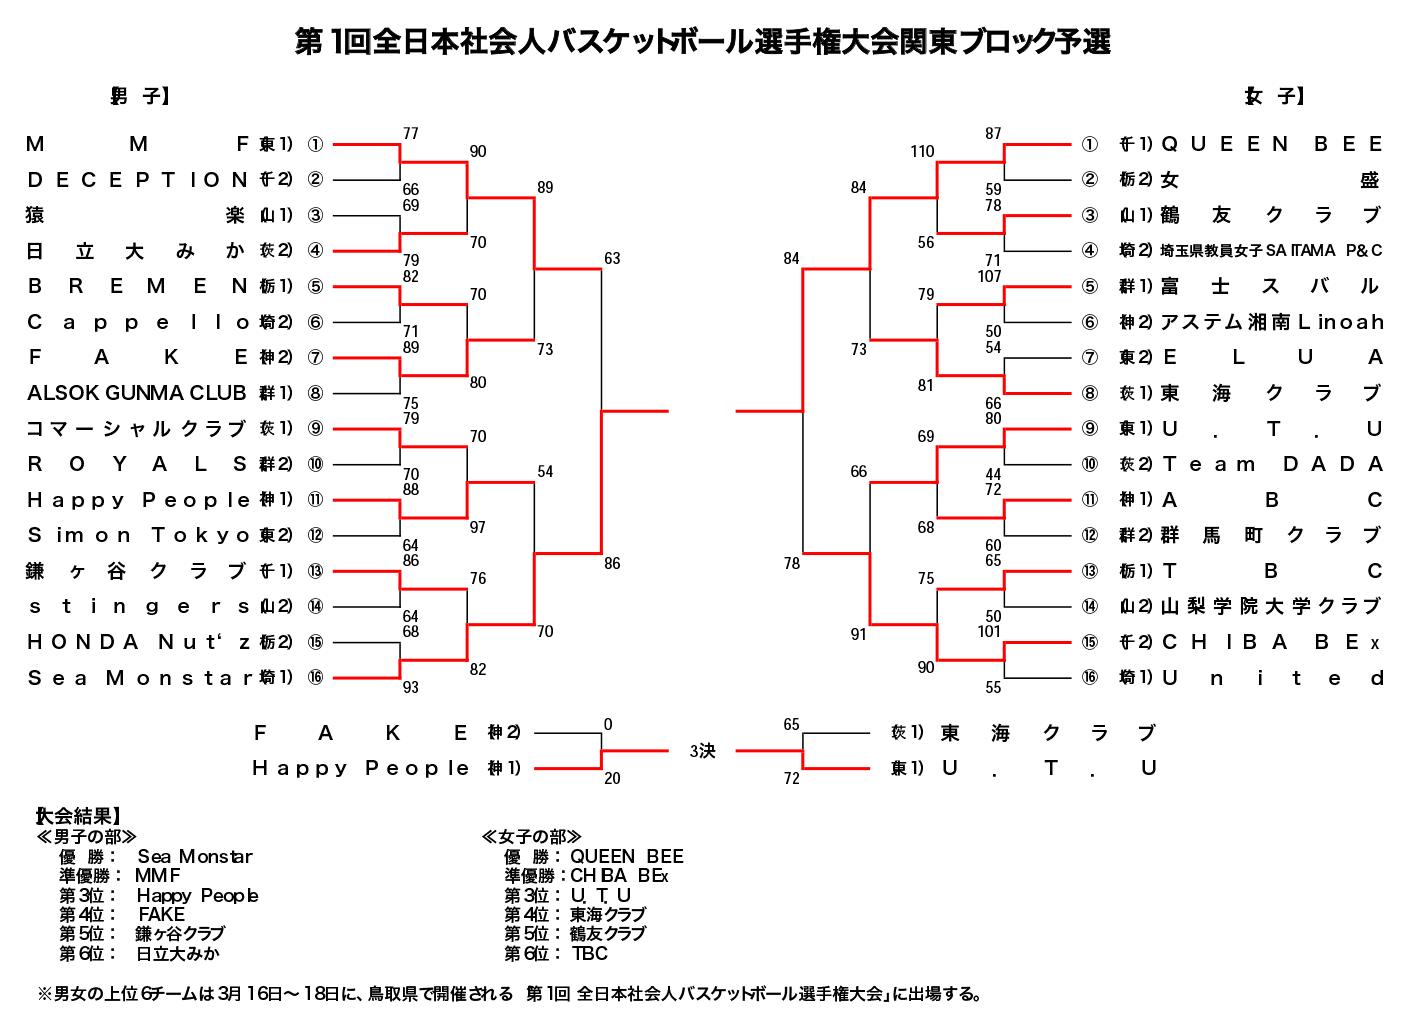 第1回 全日本社会人バスケットボール選手権 関東ブロック予選会 - 大会結果